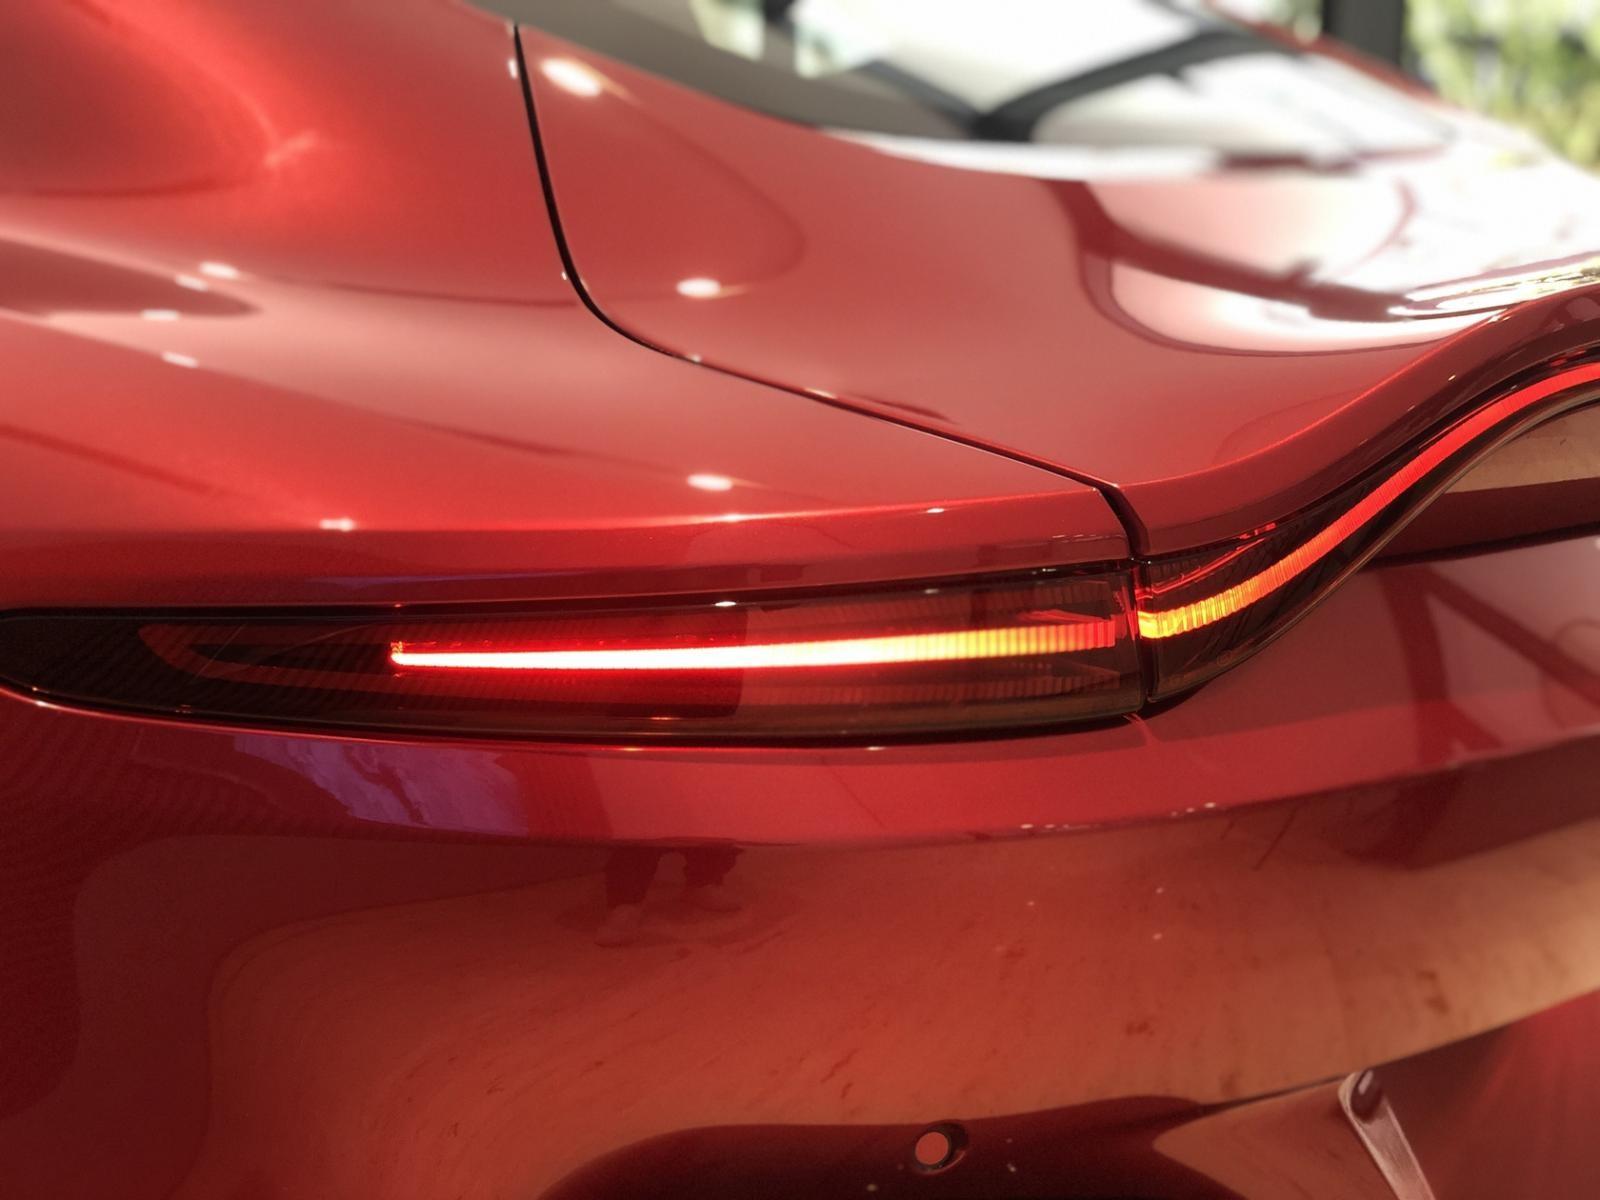 Đèn hậu LED thiết kế điệu đà của Aston Martin V8 Vantage 2018